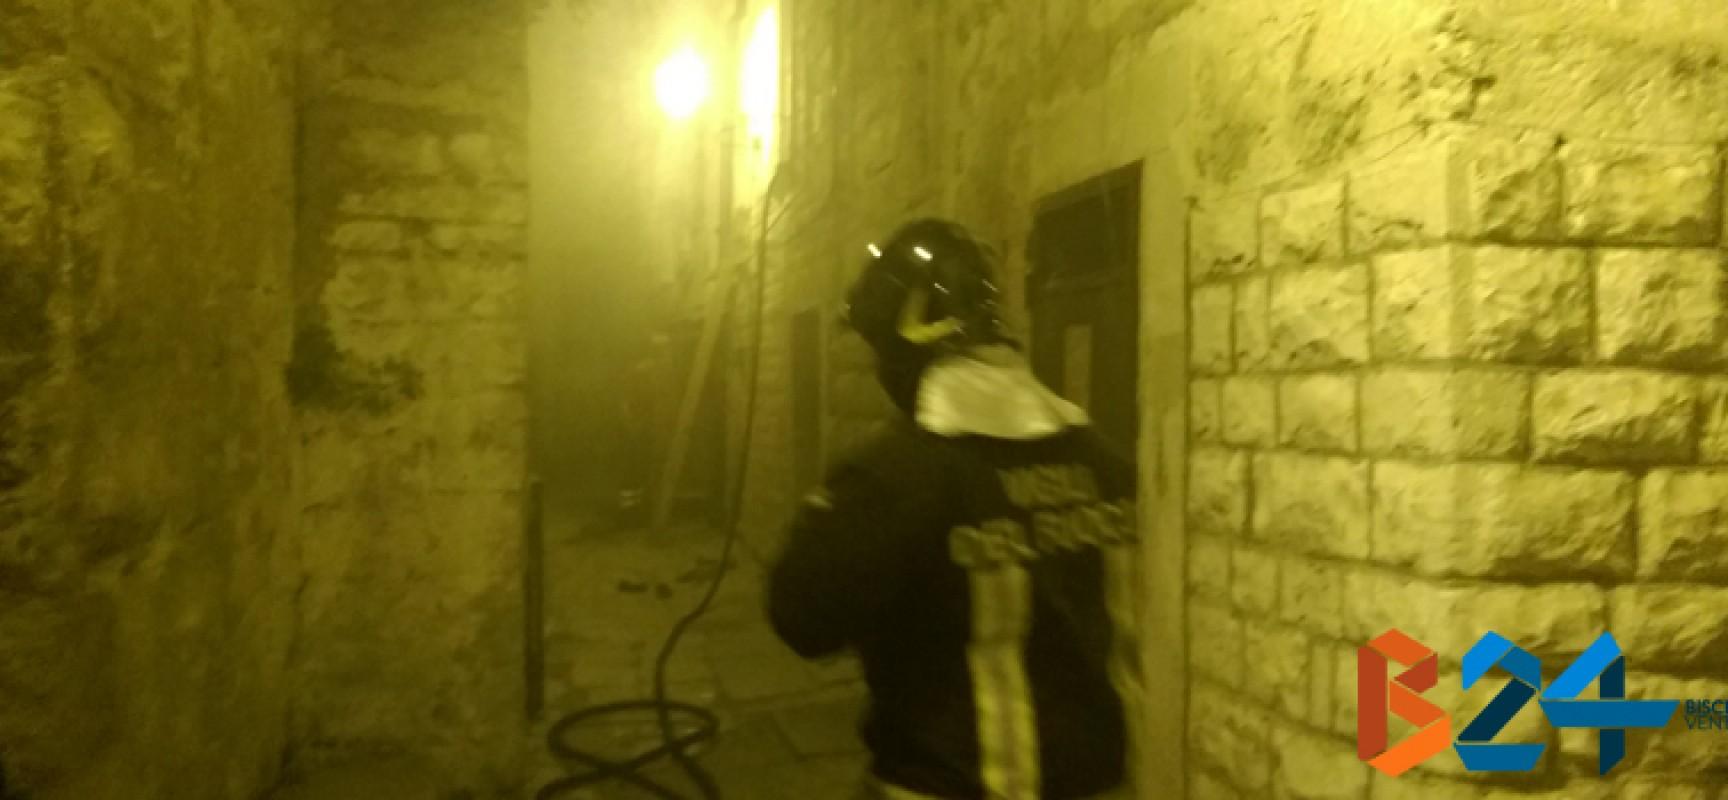 Ieri sera incendio in un appartamento del centro storico / FOTO